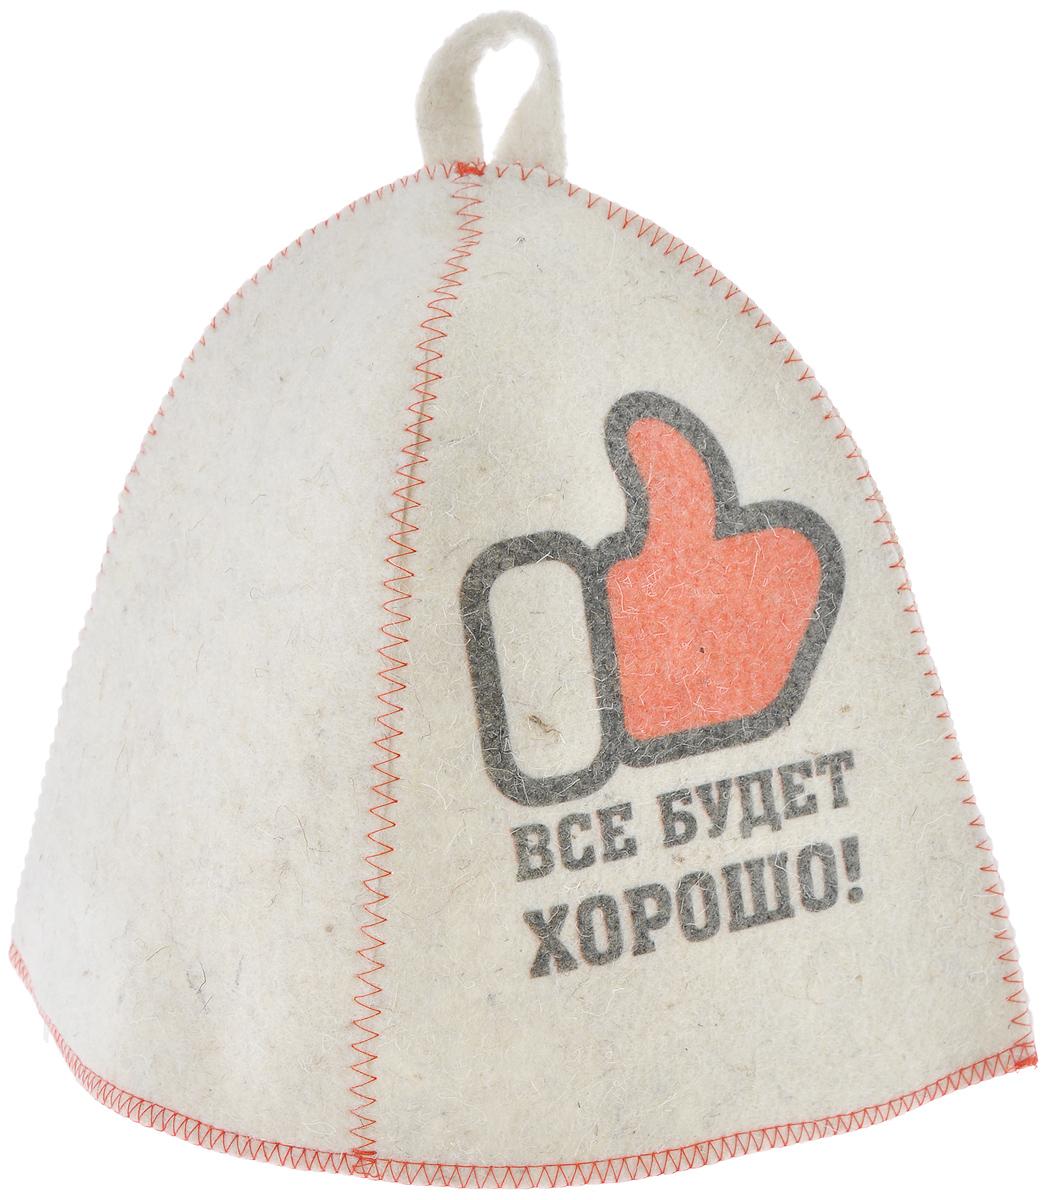 Шапка для бани и сауны Главбаня Все будет хорошо!, войлокА3451Банная шапка Главбаня Все будет хорошо! изготовлена из высококачественного войлока и декорирована ярким рисунком и надписью Все будет хорошо!. Банная шапка - это незаменимый аксессуар для любителей попариться в русской бане и для тех, кто предпочитает сухой жар финской бани. Кроме того, шапка защитит волосы от сухости и ломкости, голову от перегрева и предотвратит появление головокружения. На шапке имеется петелька, с помощью которой ее можно повесить на крючок в предбаннике. Такая шапка станет отличным подарком для любителей отдыха в бане или сауне. Обхват головы: 68 см. Высота шапки: 23 см. Материал: войлок (50% шерсть, 50% полиэфир).